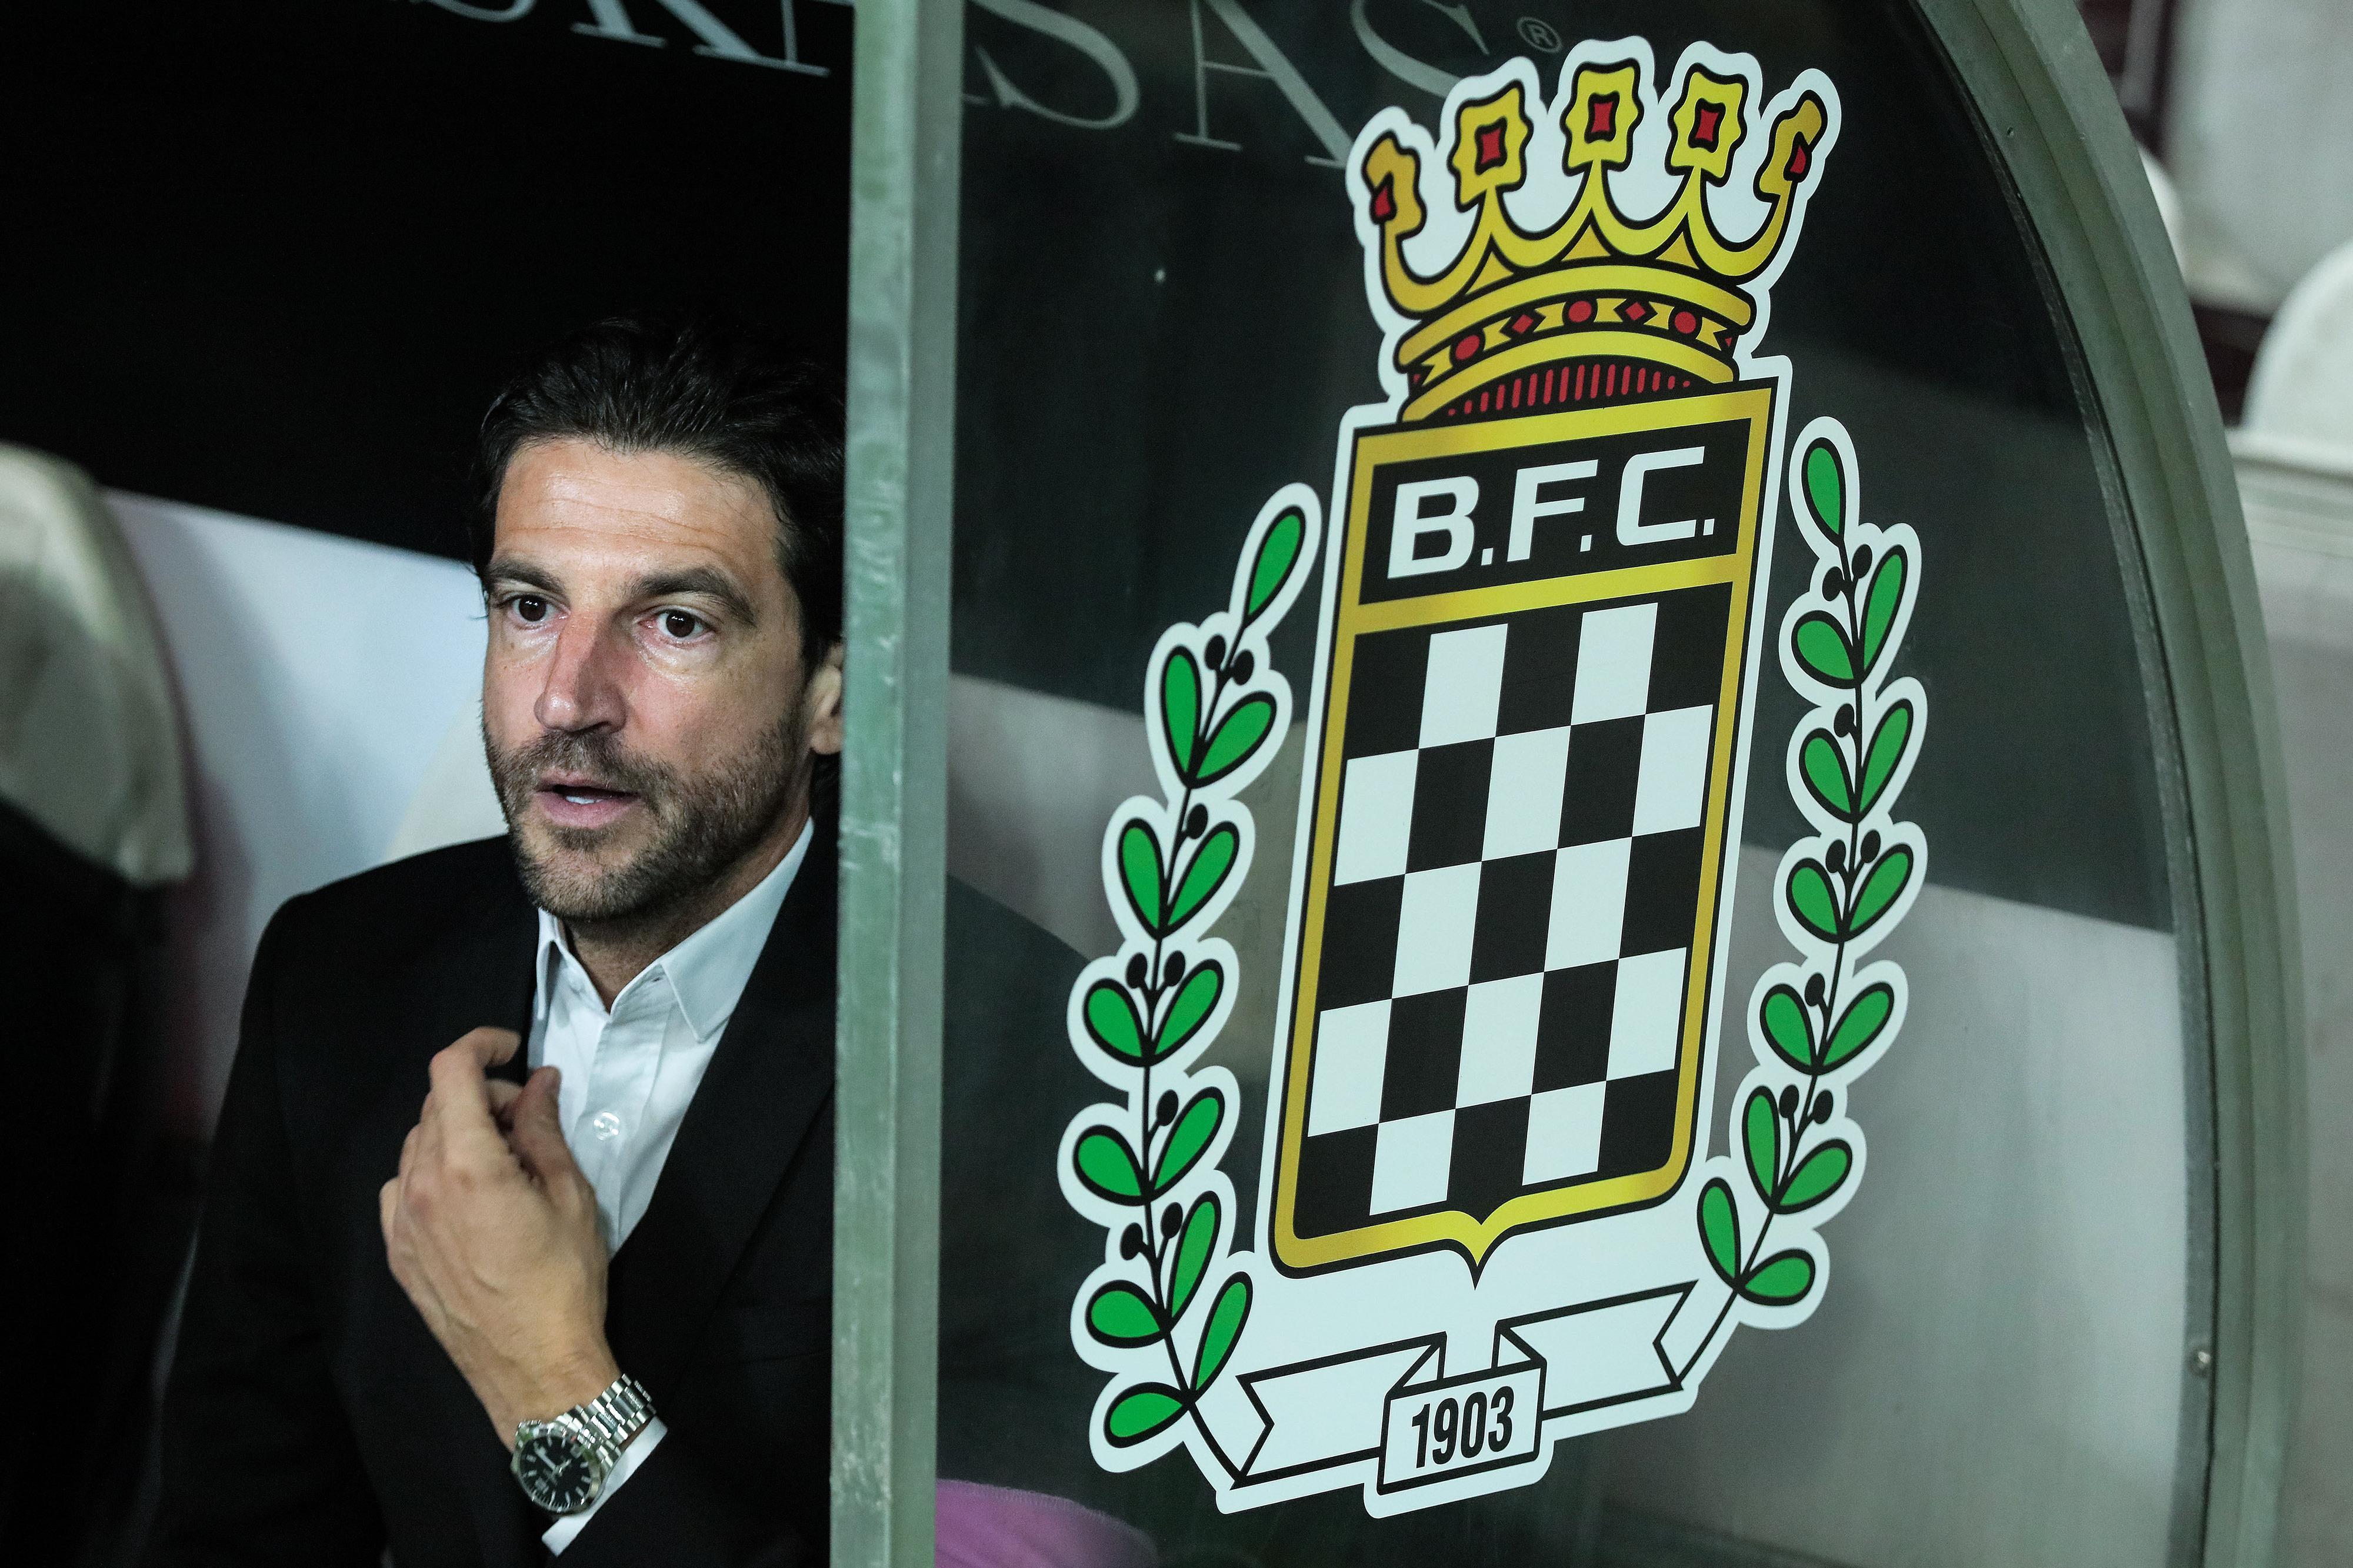 """Jorge Simão: """"Ninguém espera que o Boavista ganhe o jogo"""" com o Sporting. Porém, """"não há vencedores antecipados"""""""